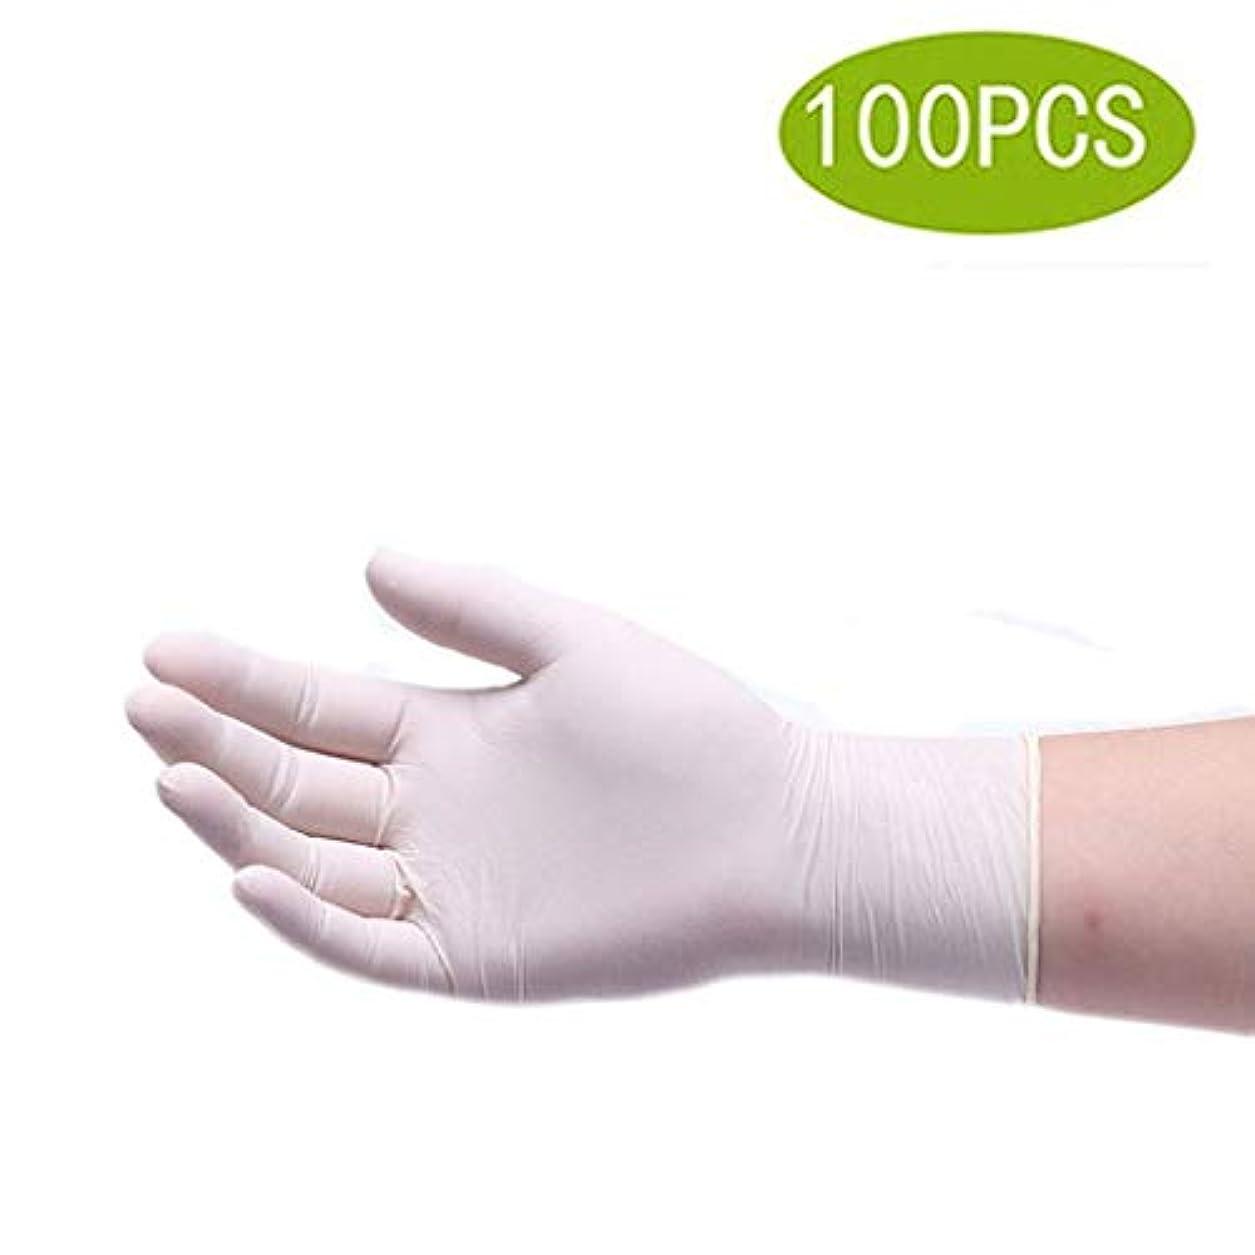 食い違い受け入れブランチ食品取扱のための使い捨て手袋、作業ニトリル手袋、ラテックスフリー手袋、使い捨て手袋、パウダーフリーの、滅菌済みでない使い捨て安全手袋、ミディアム(100個入り) (Color : White, Size : S)